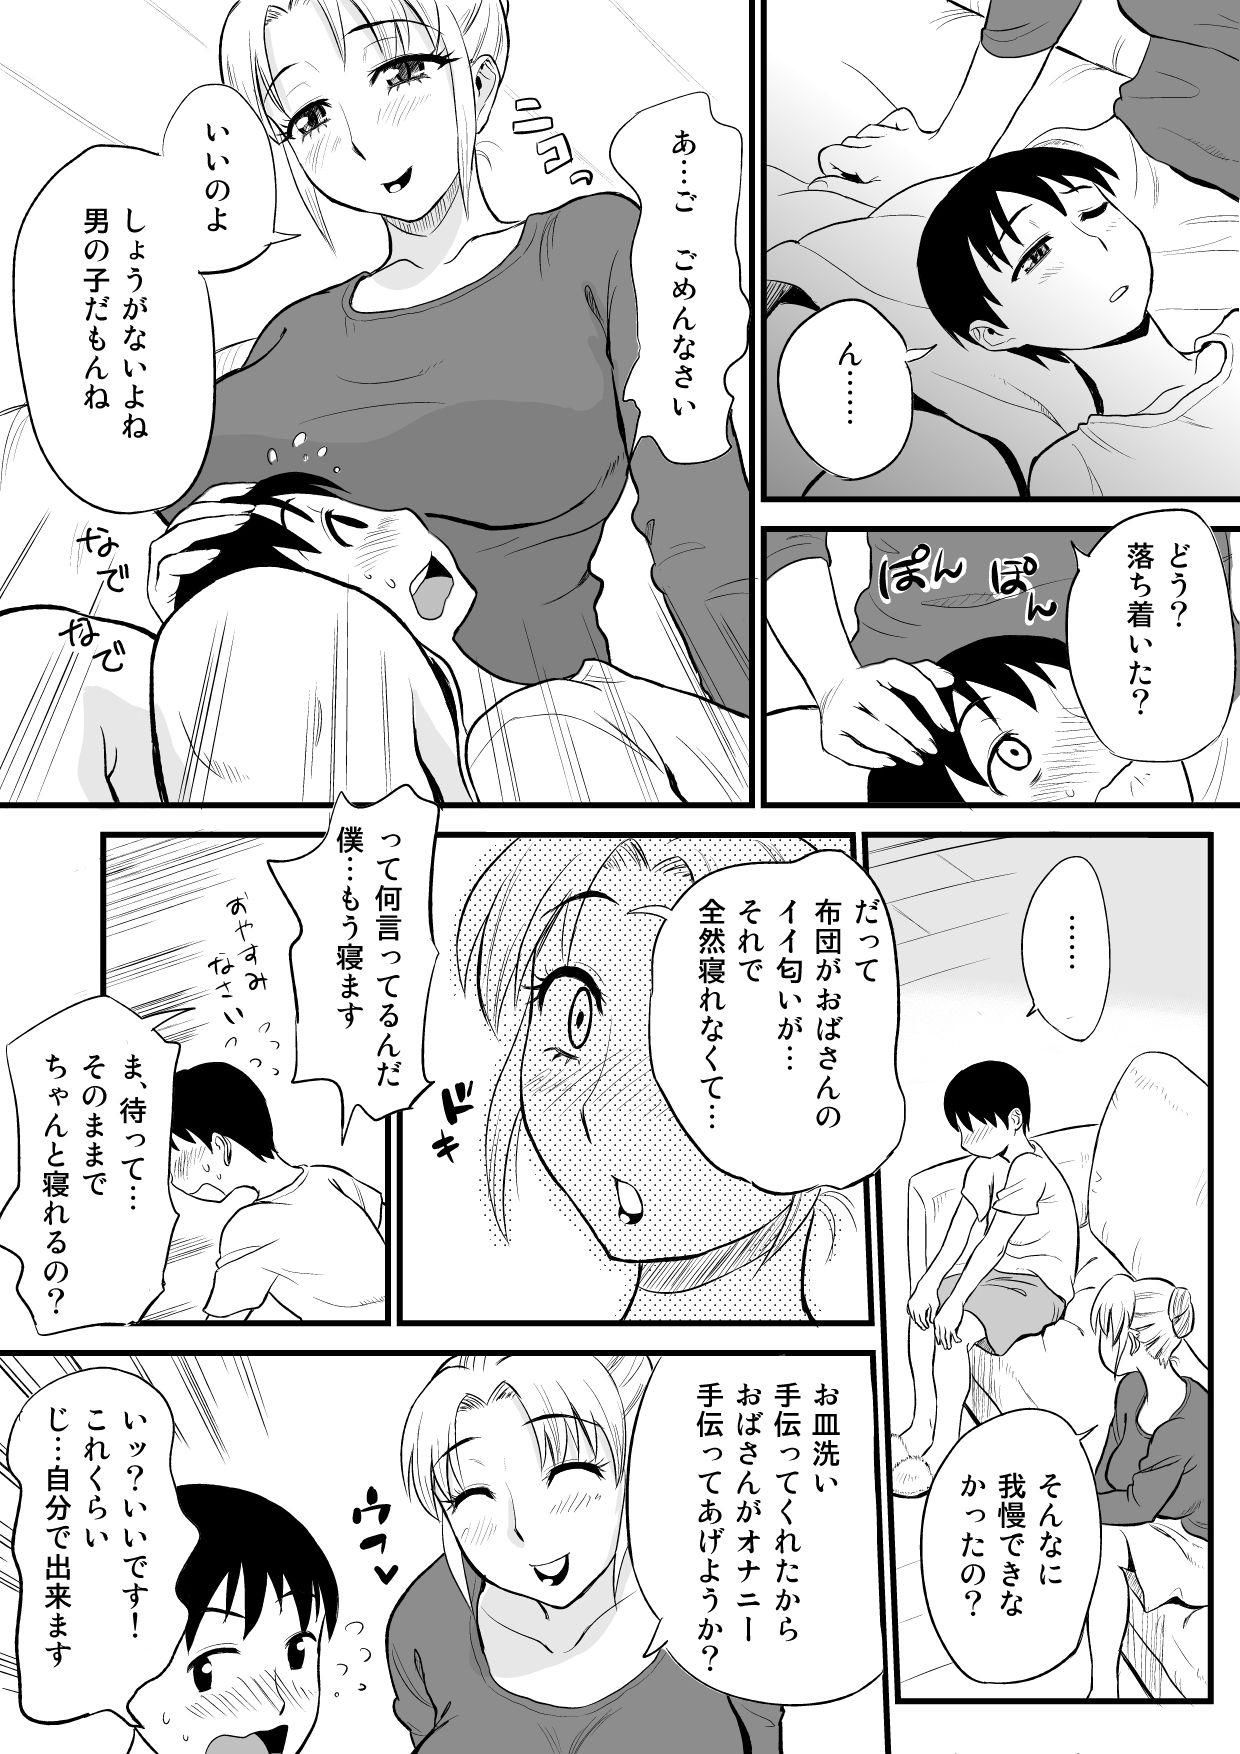 Yuujin no Mama ga Onanie no Otetsudai? 10